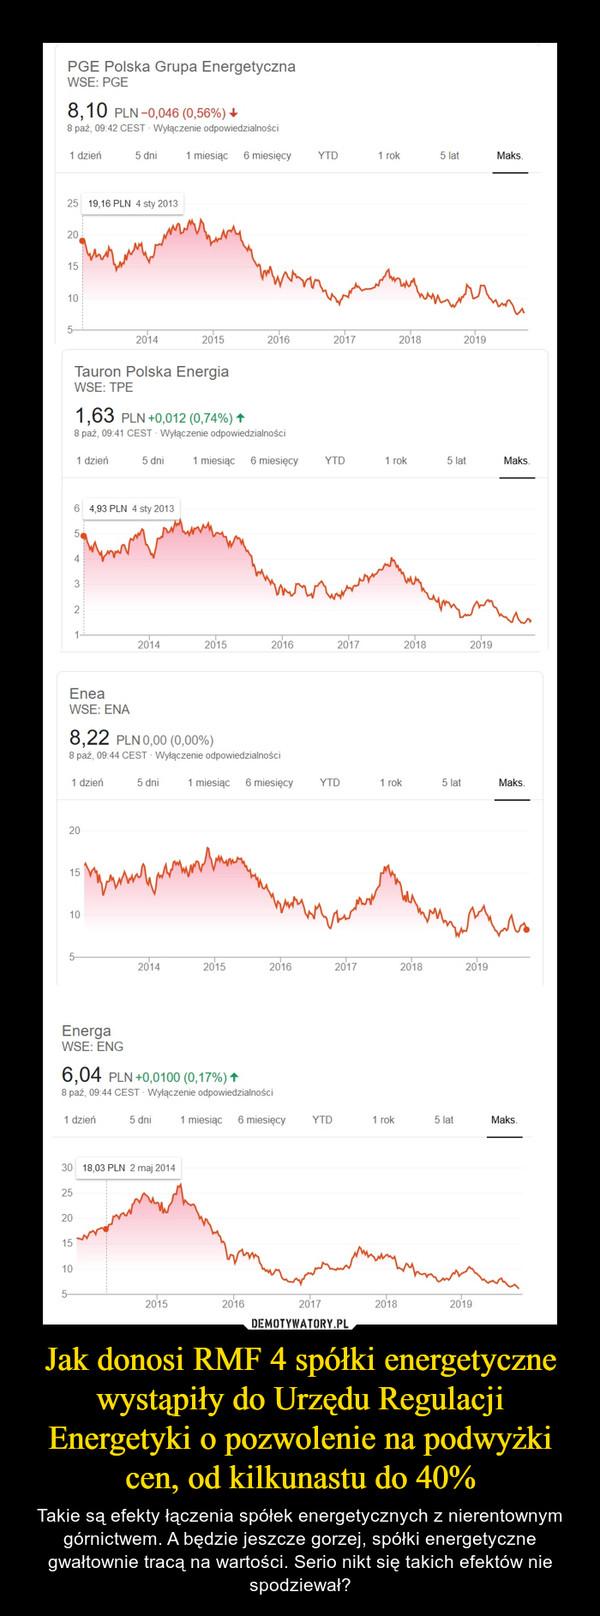 Jak donosi RMF 4 spółki energetyczne wystąpiły do Urzędu Regulacji Energetyki o pozwolenie na podwyżki cen, od kilkunastu do 40% – Takie są efekty łączenia spółek energetycznych z nierentownym górnictwem. A będzie jeszcze gorzej, spółki energetyczne gwałtownie tracą na wartości. Serio nikt się takich efektów nie spodziewał?